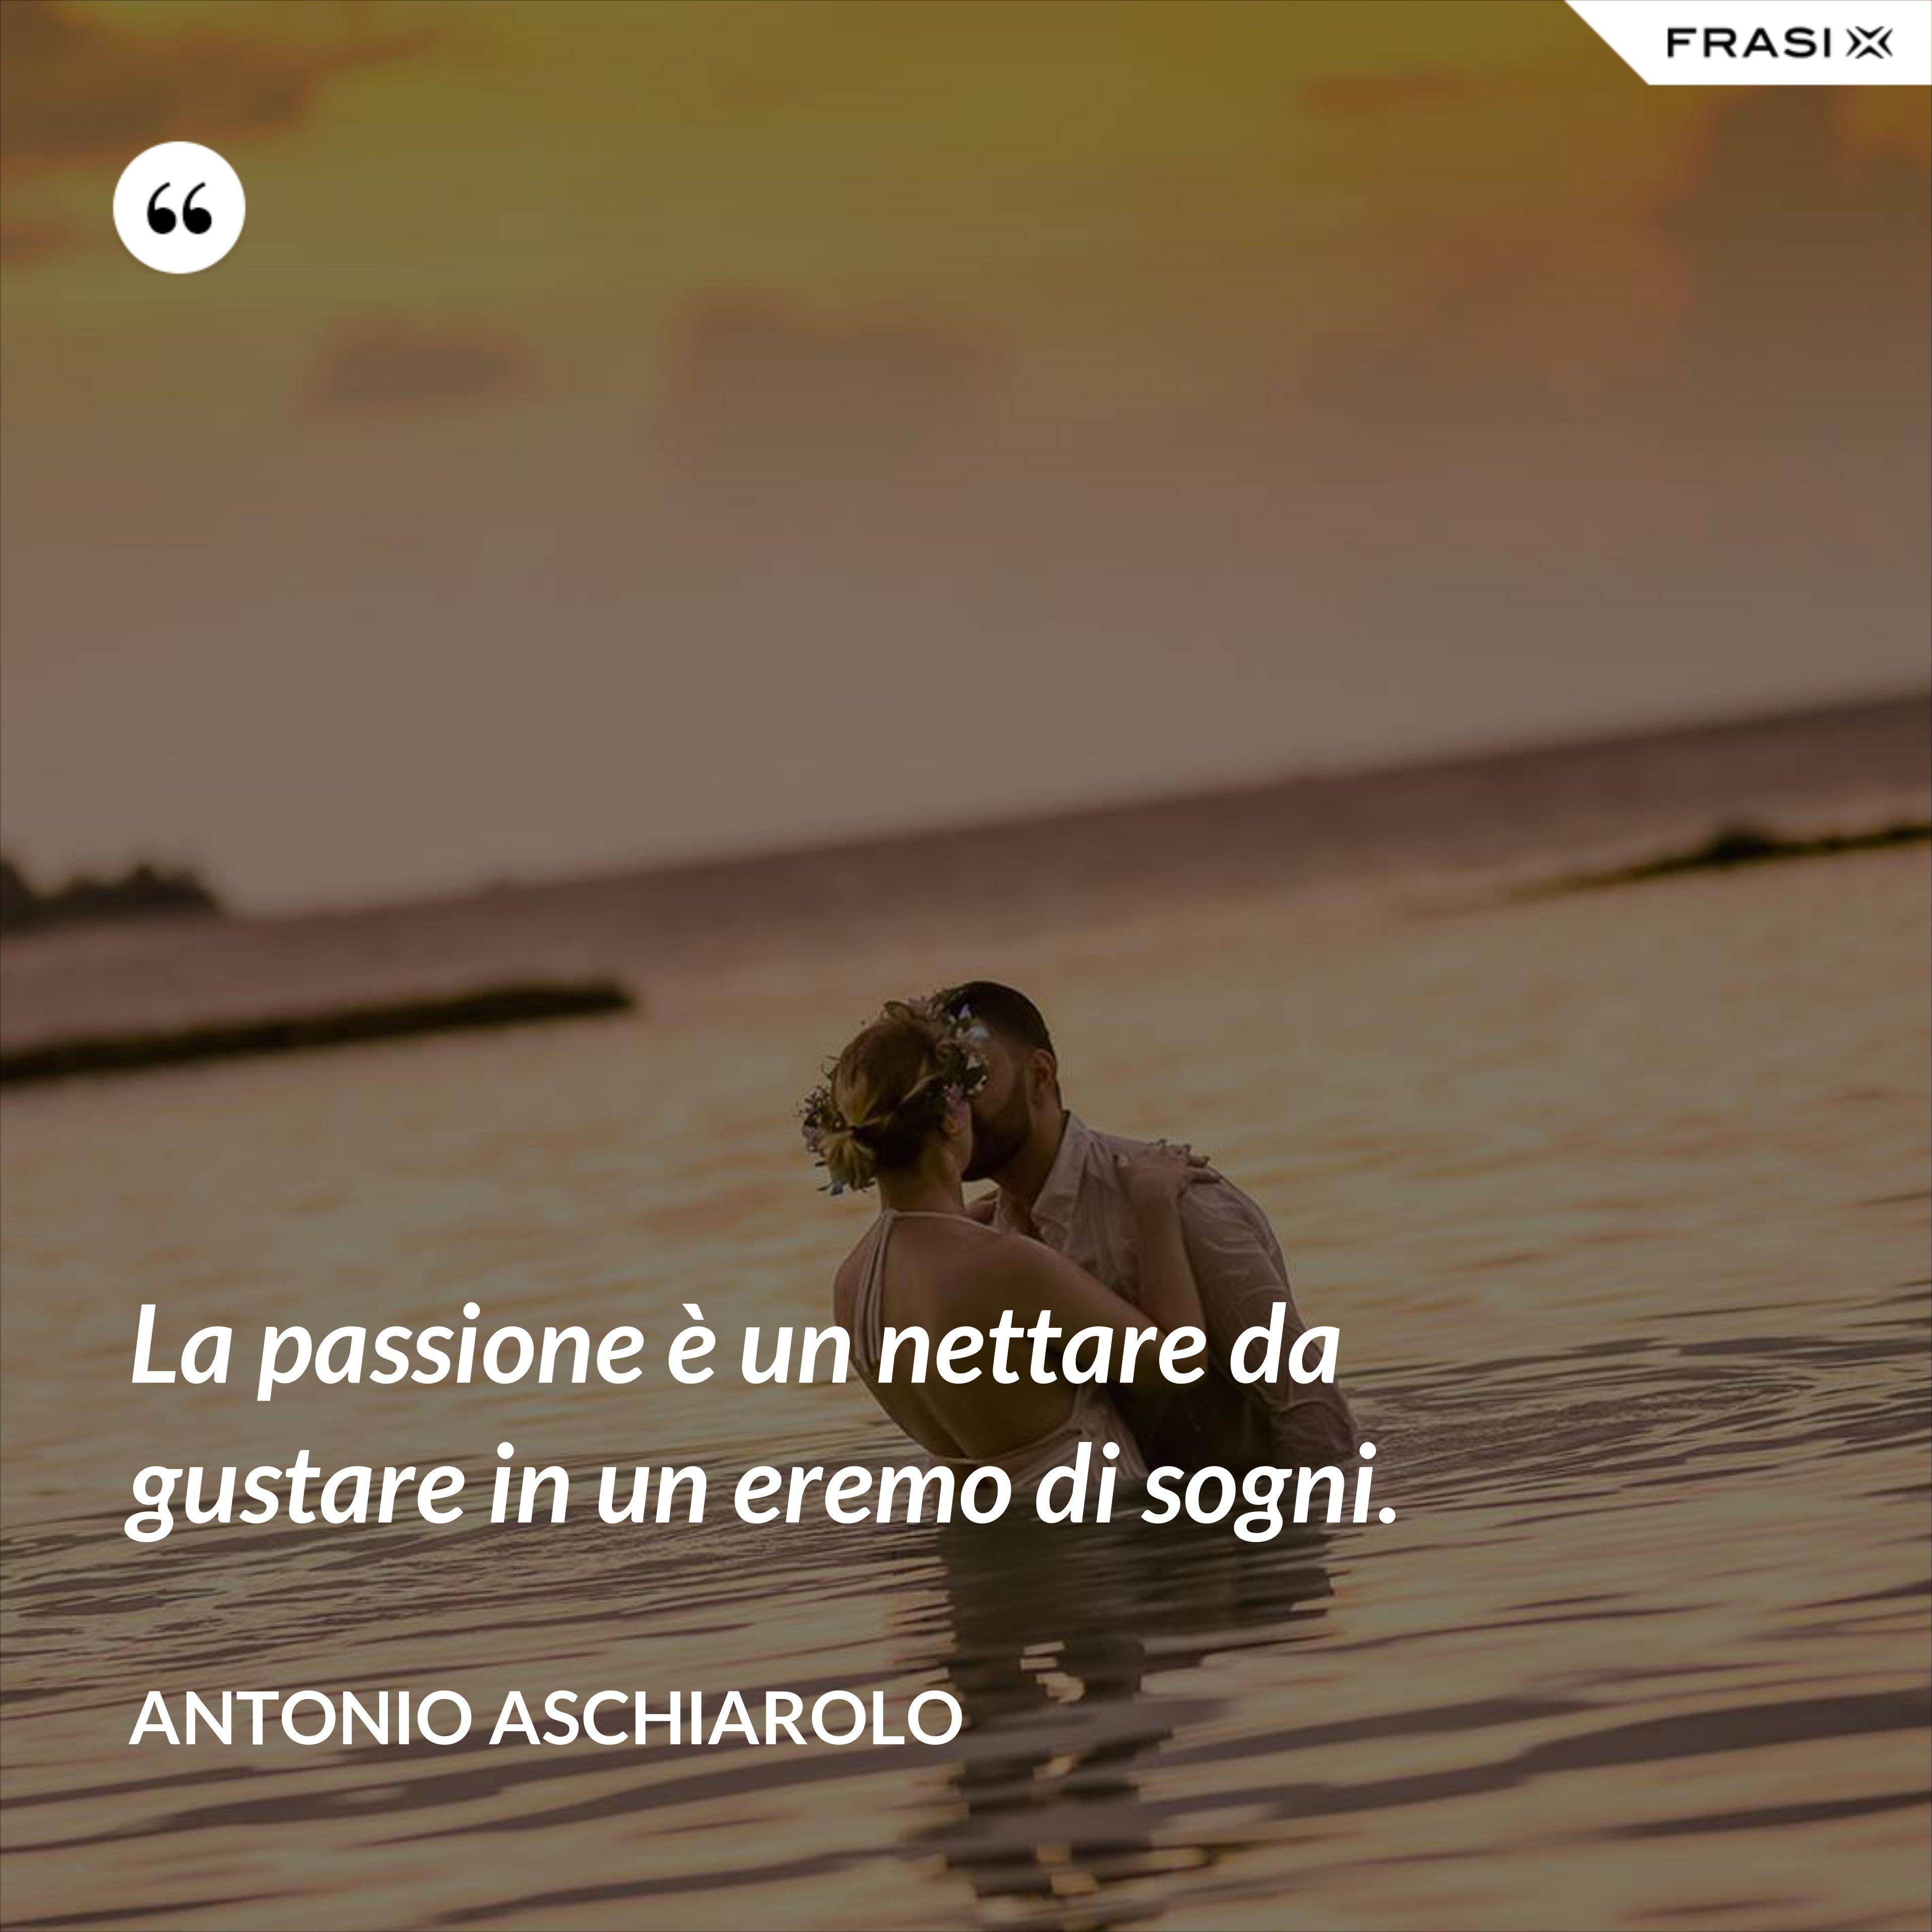 La passione è un nettare da gustare in un eremo di sogni. - Antonio Aschiarolo